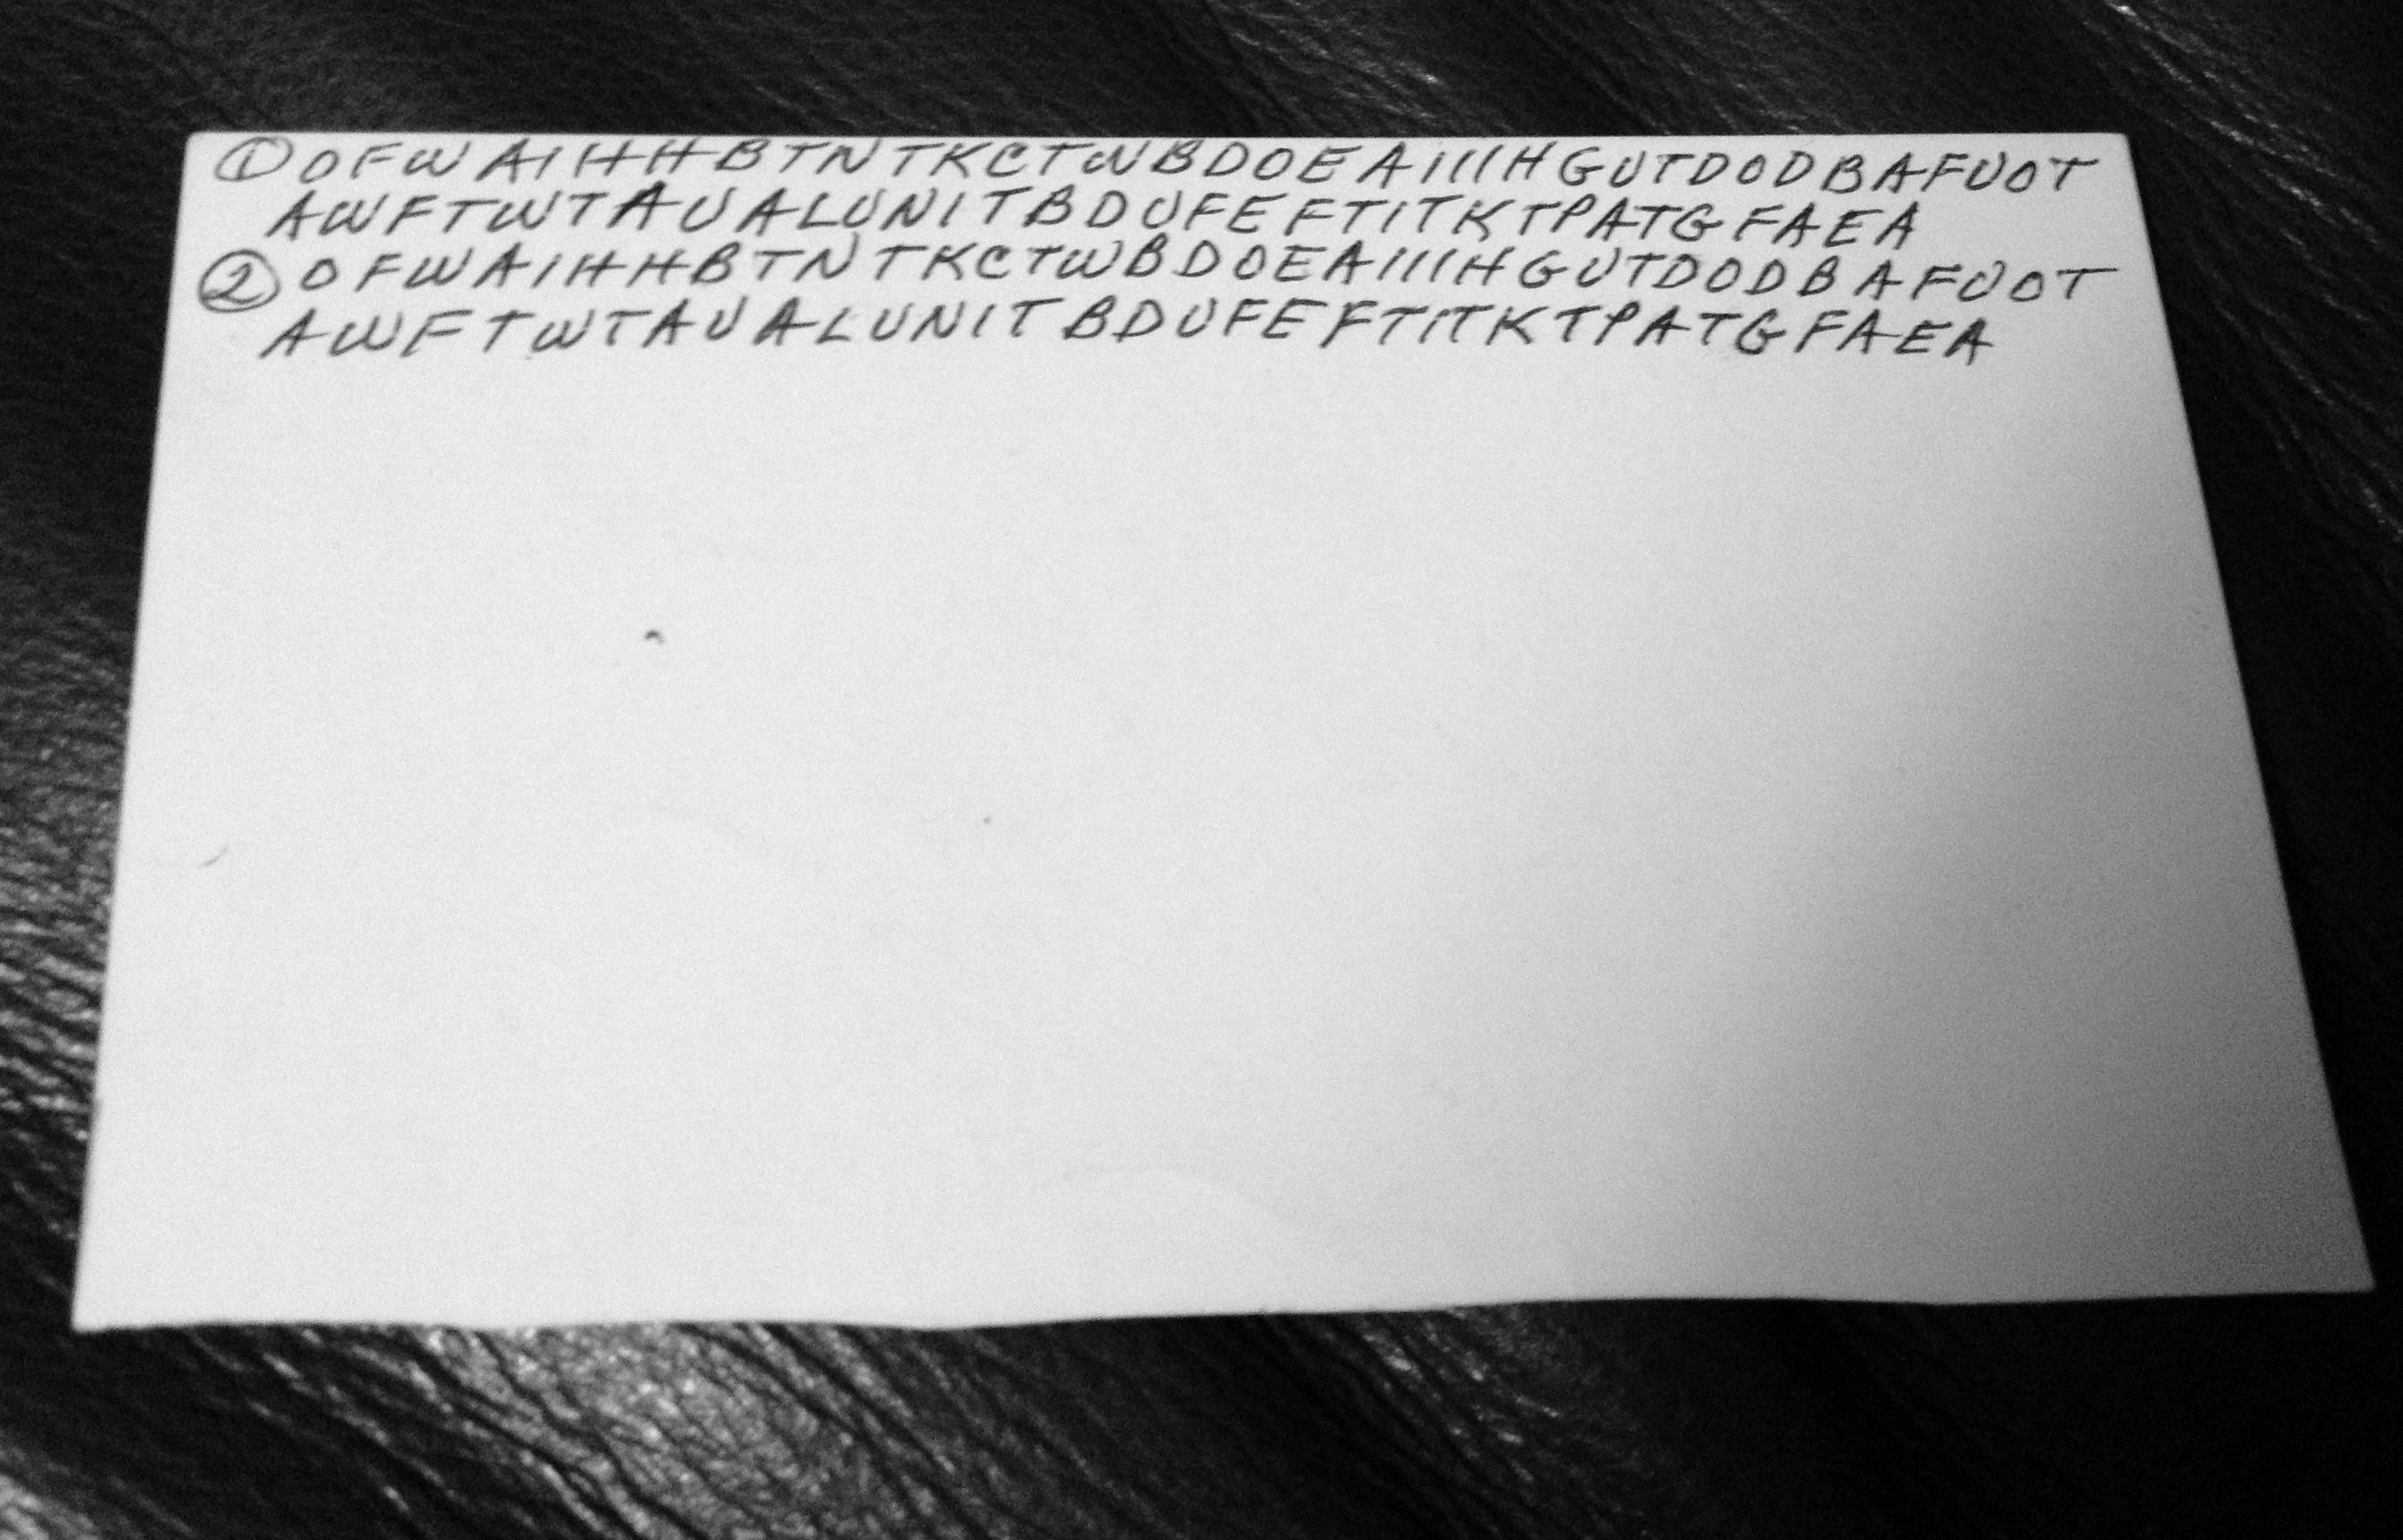 Após 20 anos, código misterioso deixado por avó é decifrado com ajuda da internet